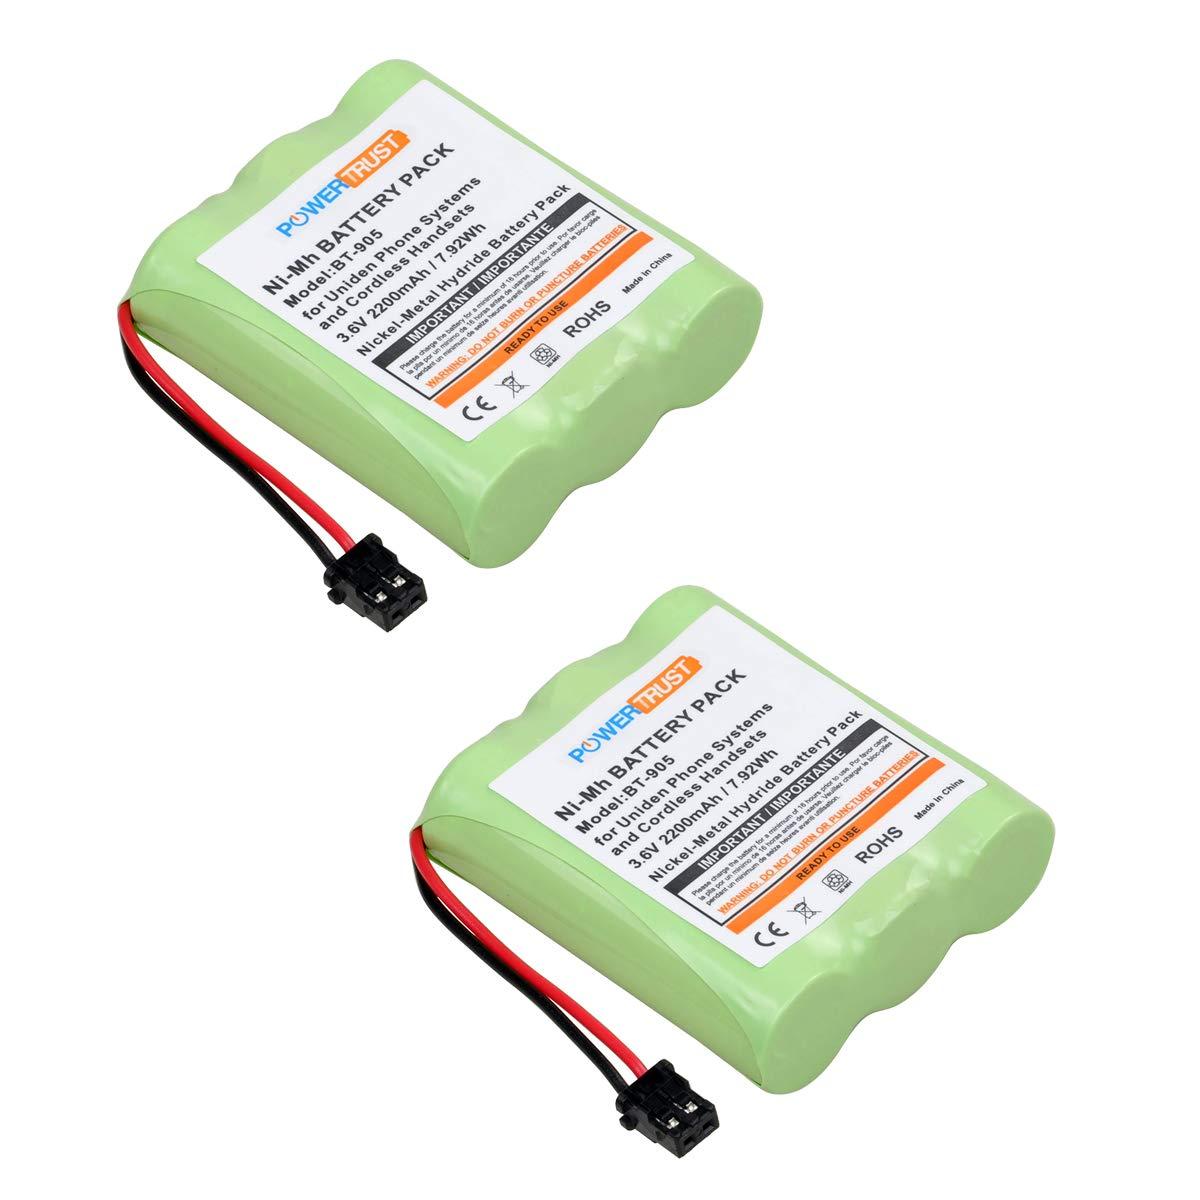 2 Bateria p/ BT905 BT800 BT-1006 BP-905 P-P501 BP-905BBTY-04